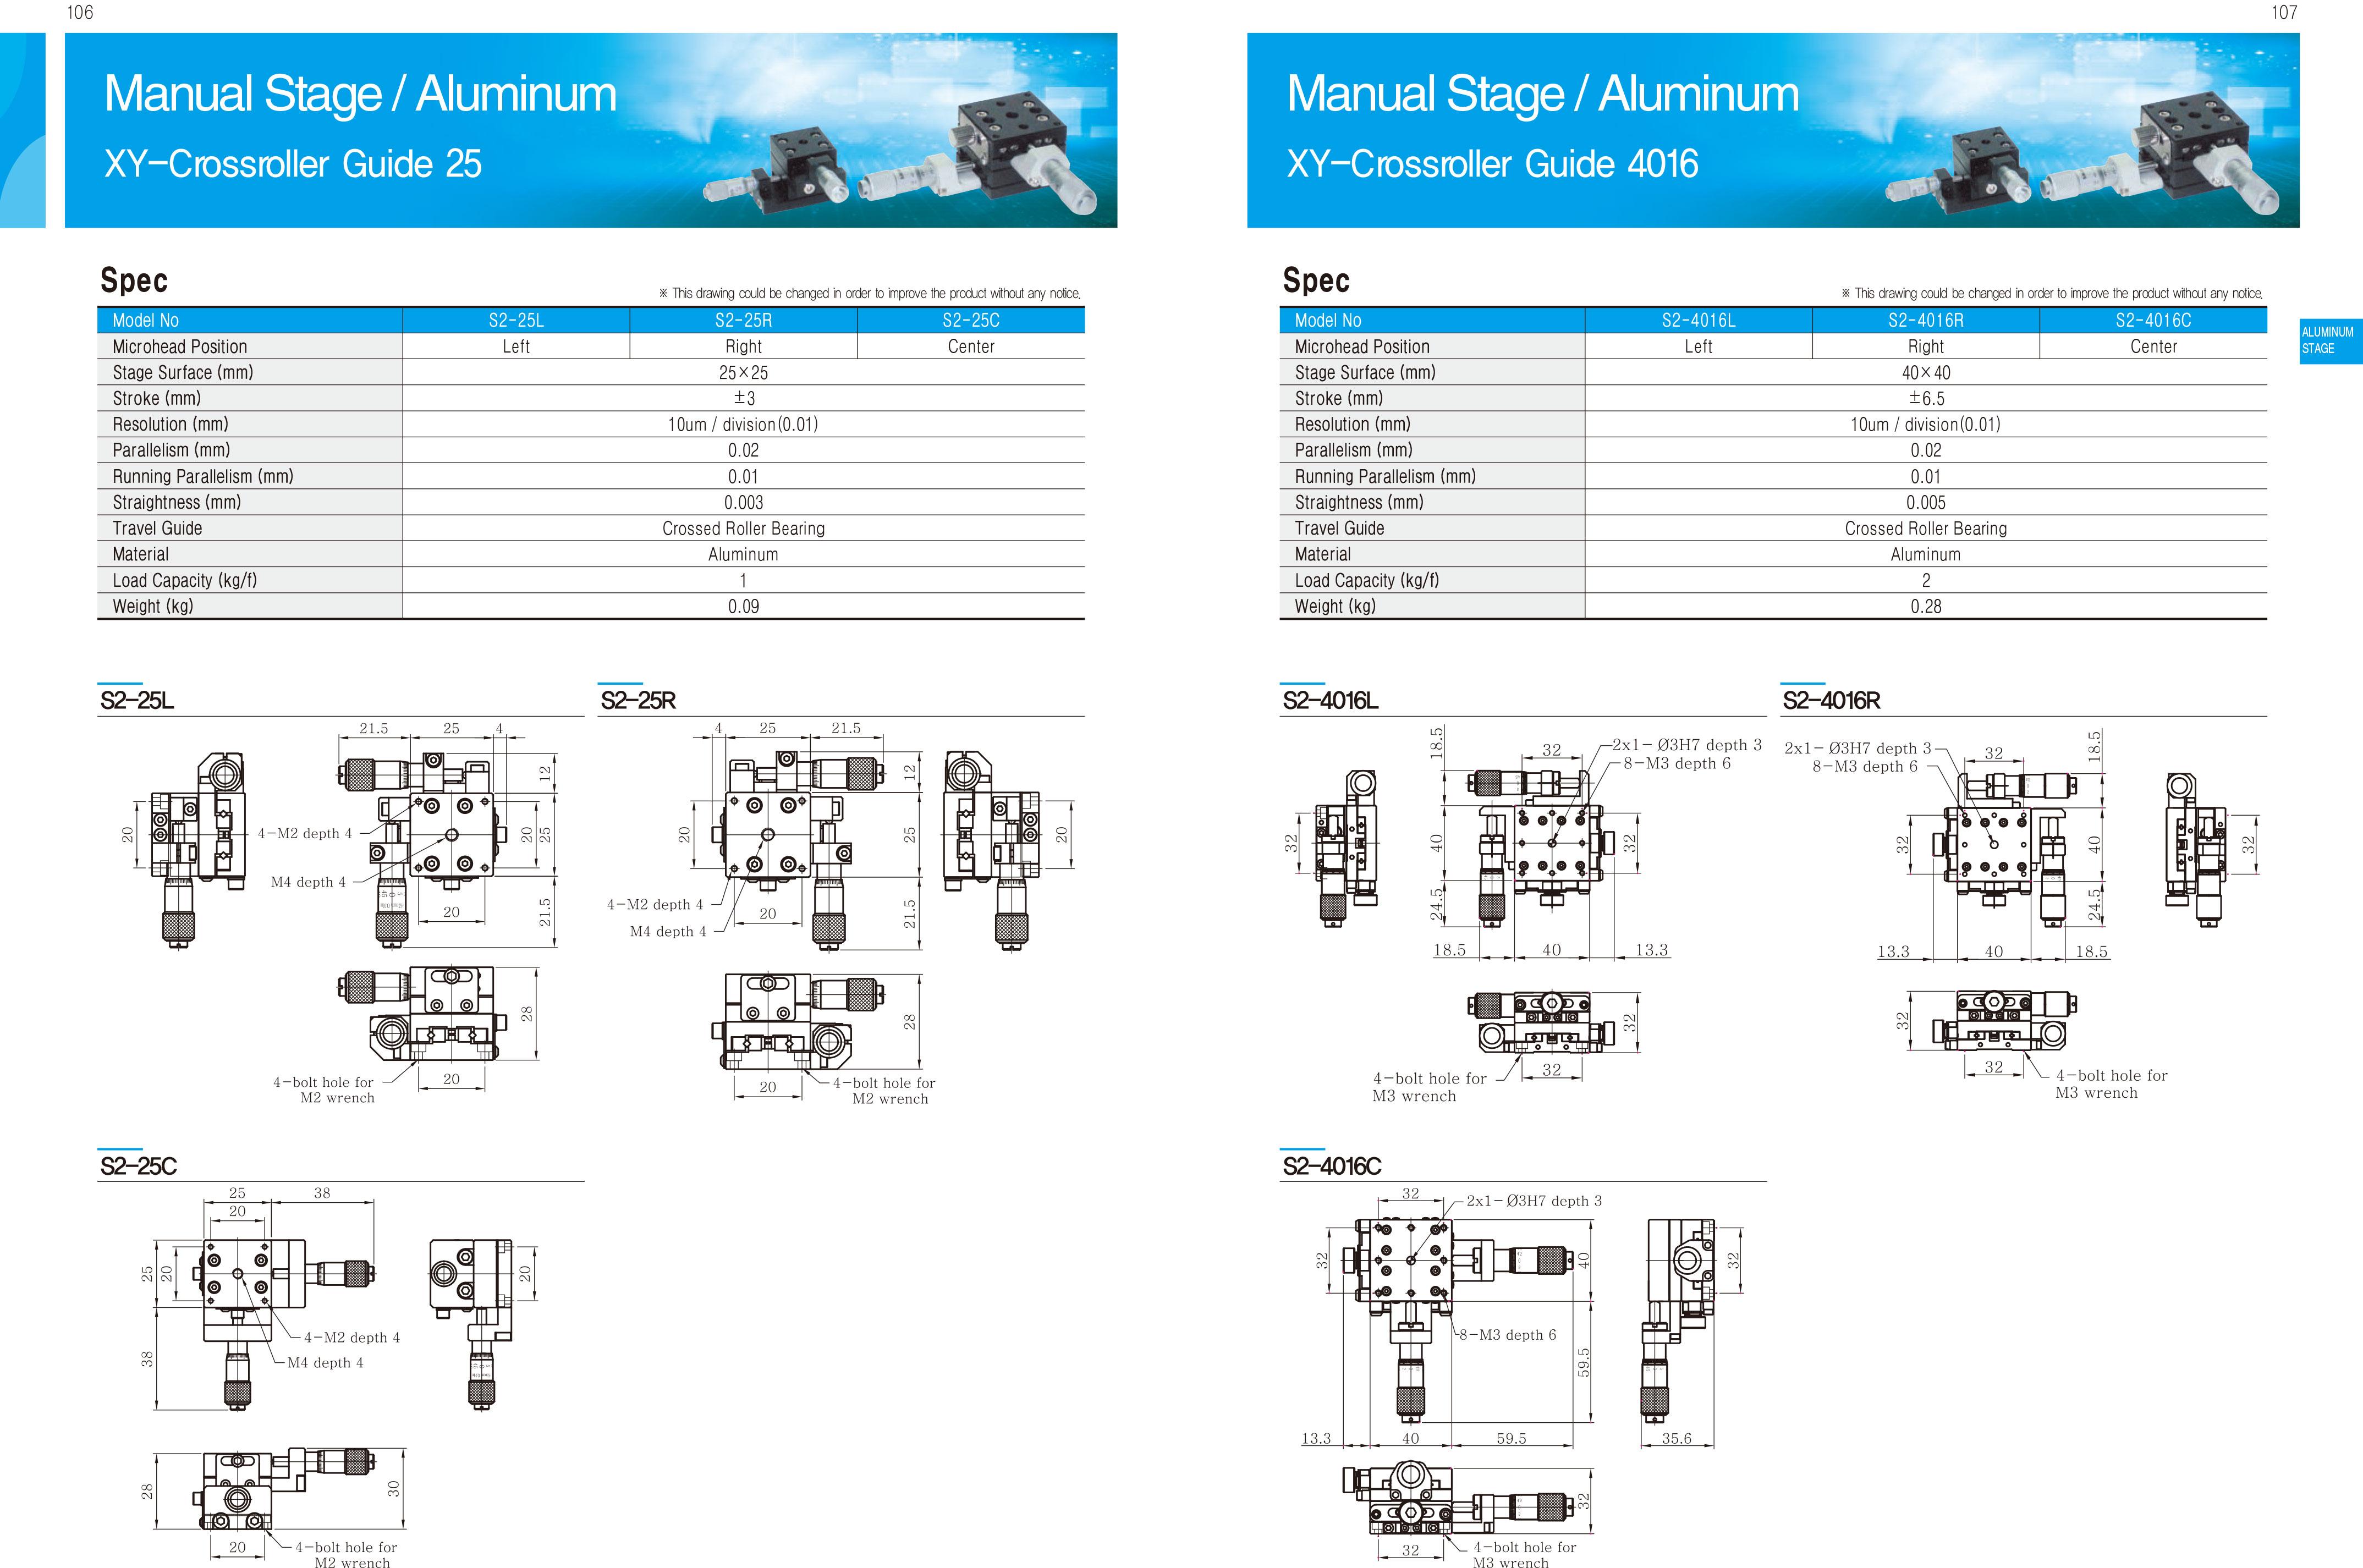 DPIN-Aluminum-精密滑台-9